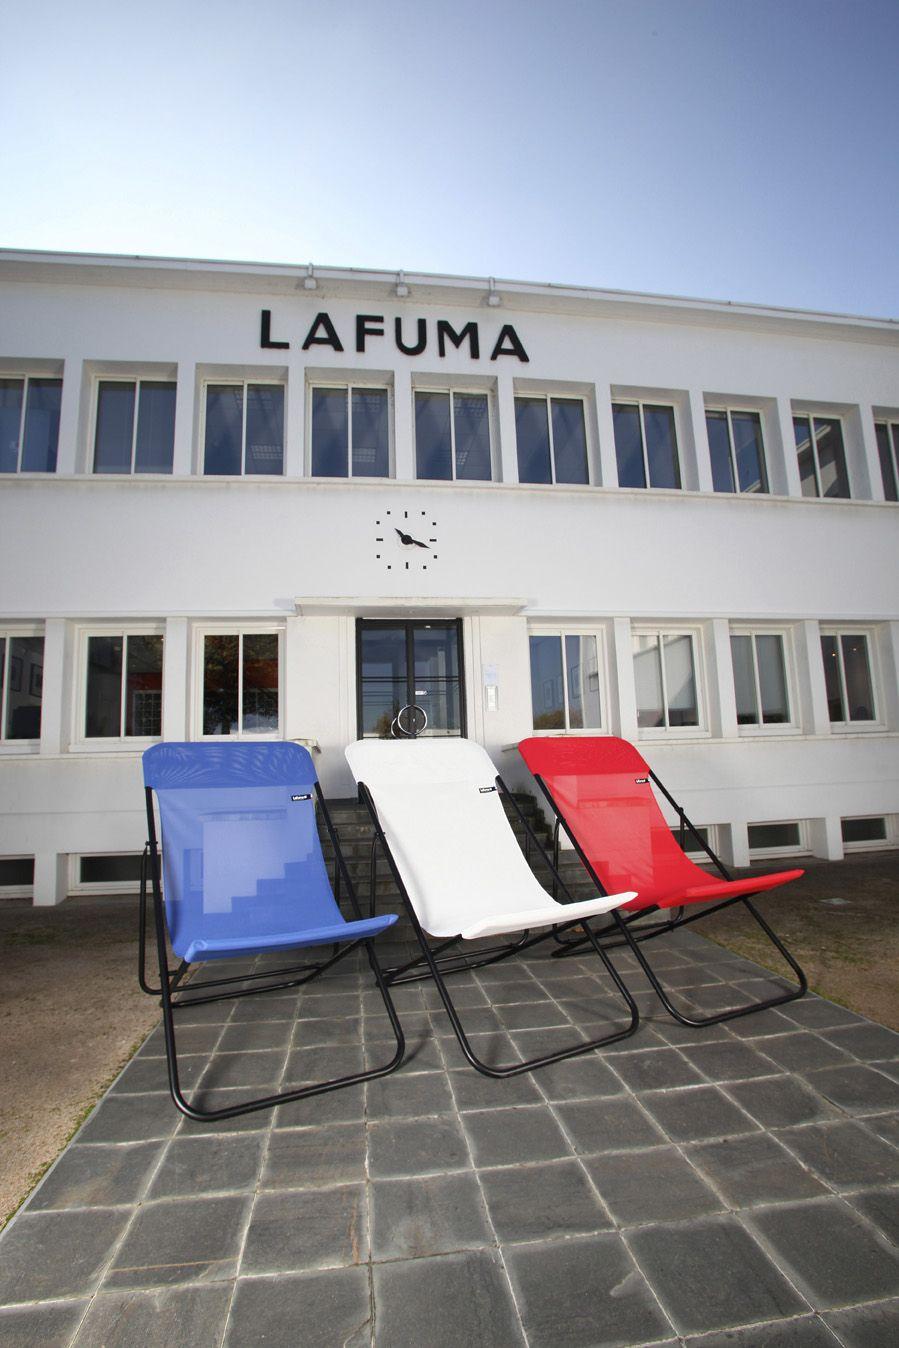 Lafuma Mobilier A D Ailleurs Obtenu En 2014 Le Label Origine France Garantie Reconnaissance De Son Engagement Industriel E Mobilier Deco Le Drapeau Tricolore